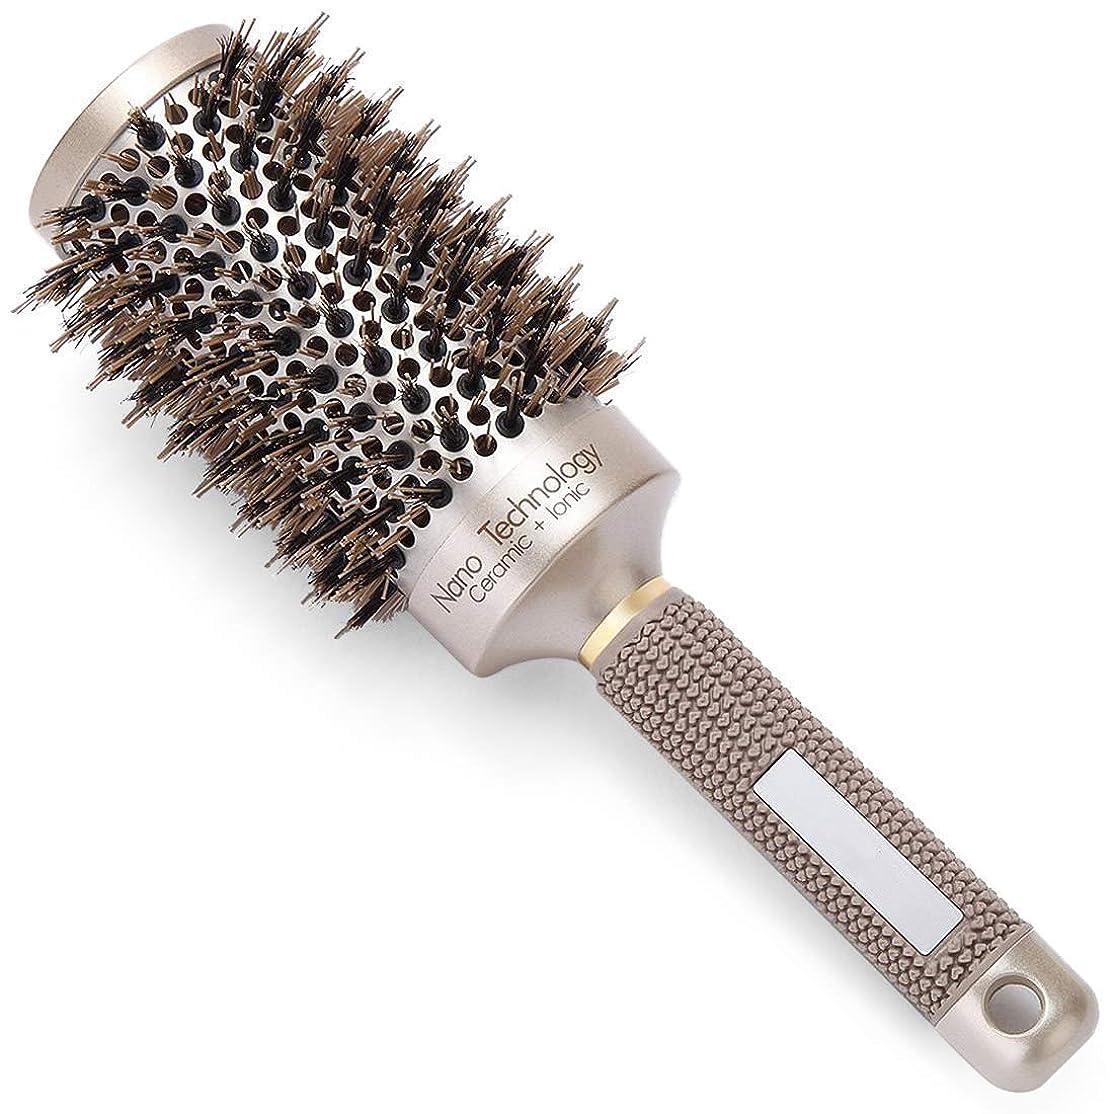 主に物理スポーツの試合を担当している人Cepillo redondo para el cabello Nano Térmico Barril cerámico con cerdas de jabalí natural para secar, peinar, rizar, enderezar, crear brillo, proteger el cabello,#2